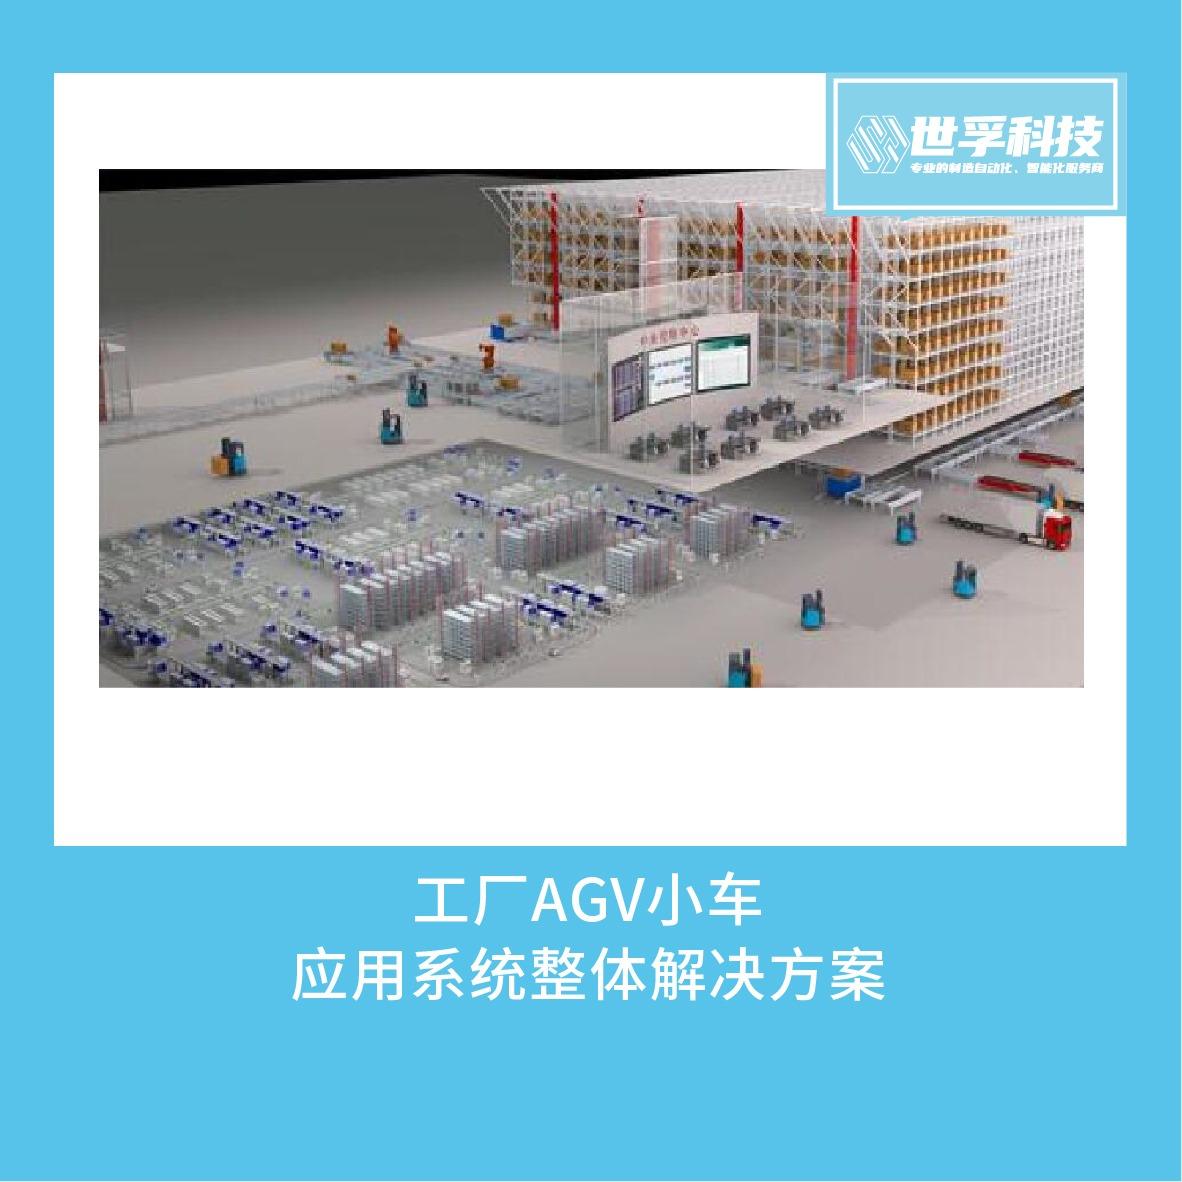 工厂AGV小车运输系统整体 解决  方案